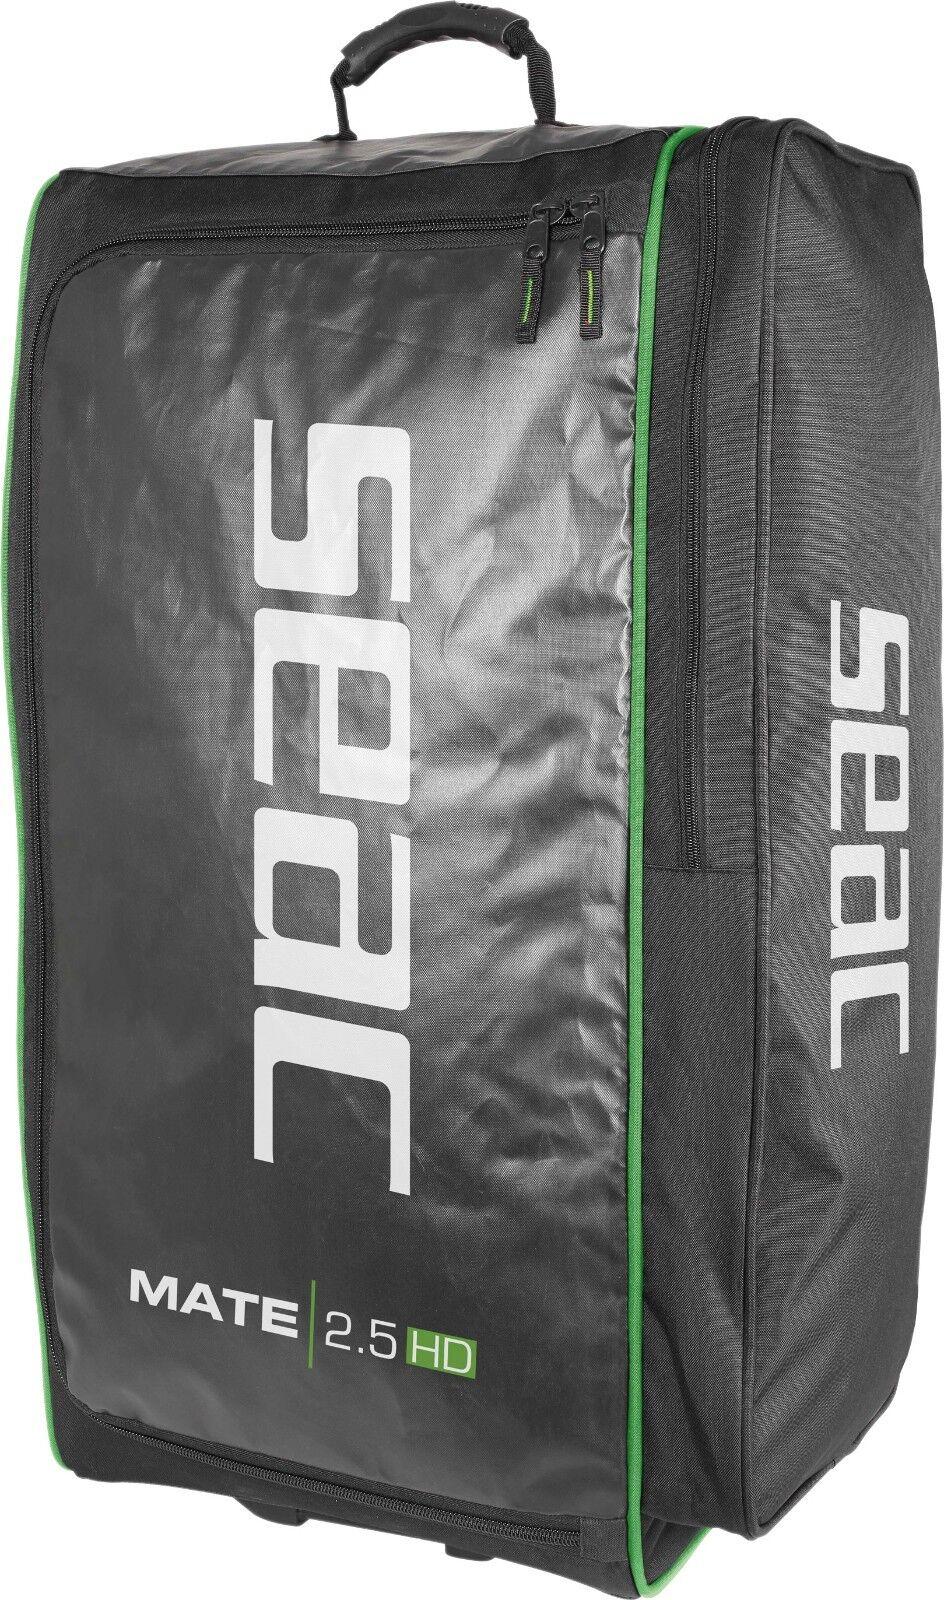 Tasche Tasche Tasche Seac Mate 2.5 HD 72175d